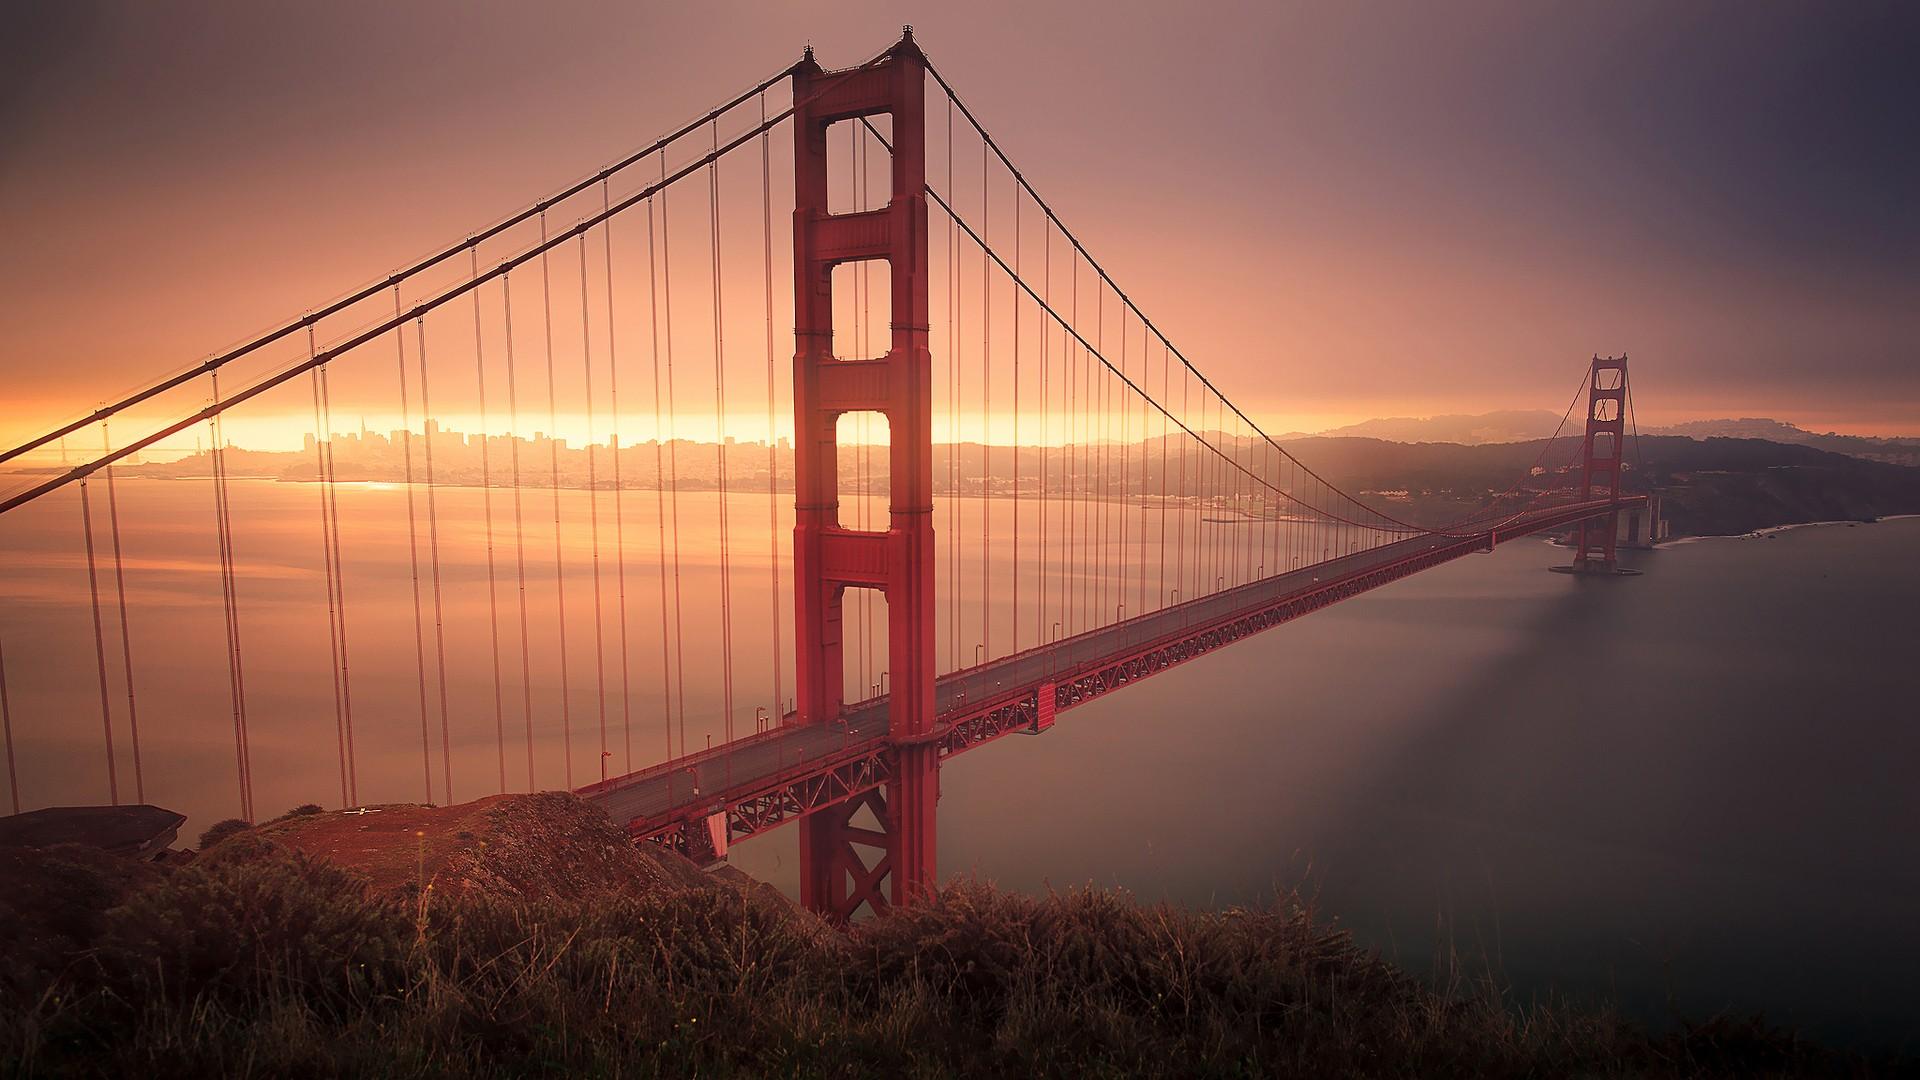 Man Made - Golden Gate Wallpaper